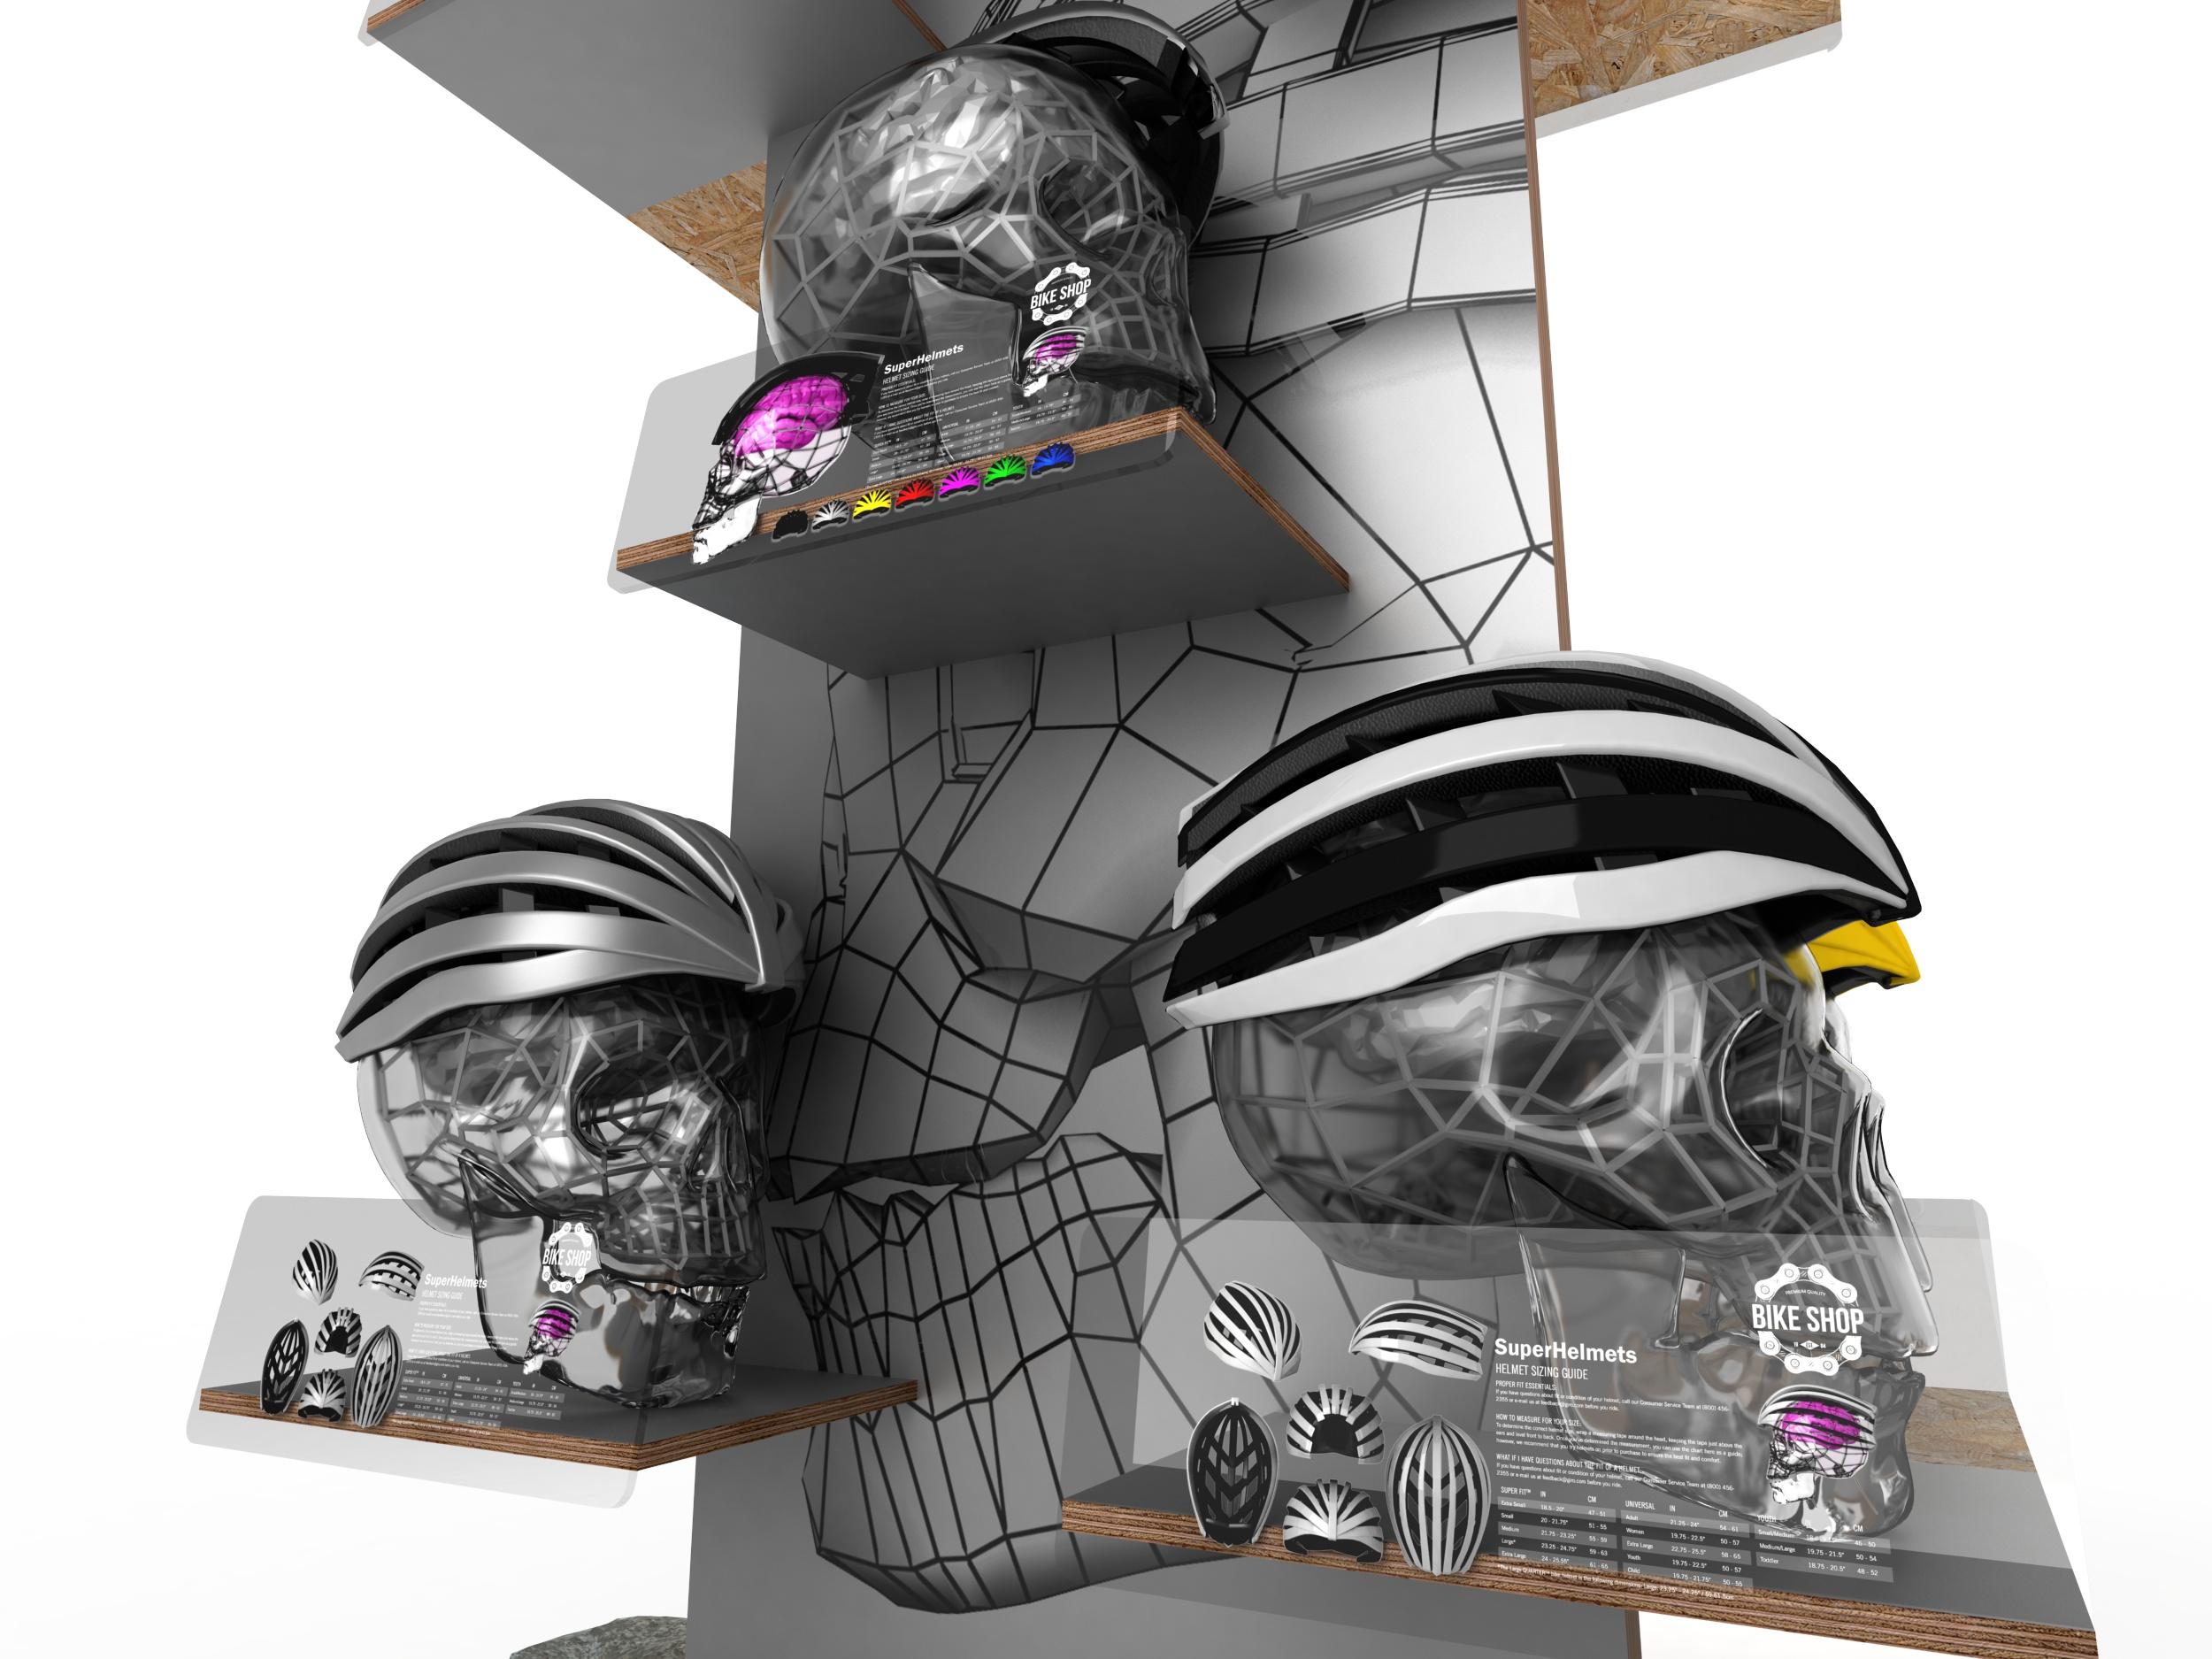 POS_Cycle Helmet Multi_001.jpg